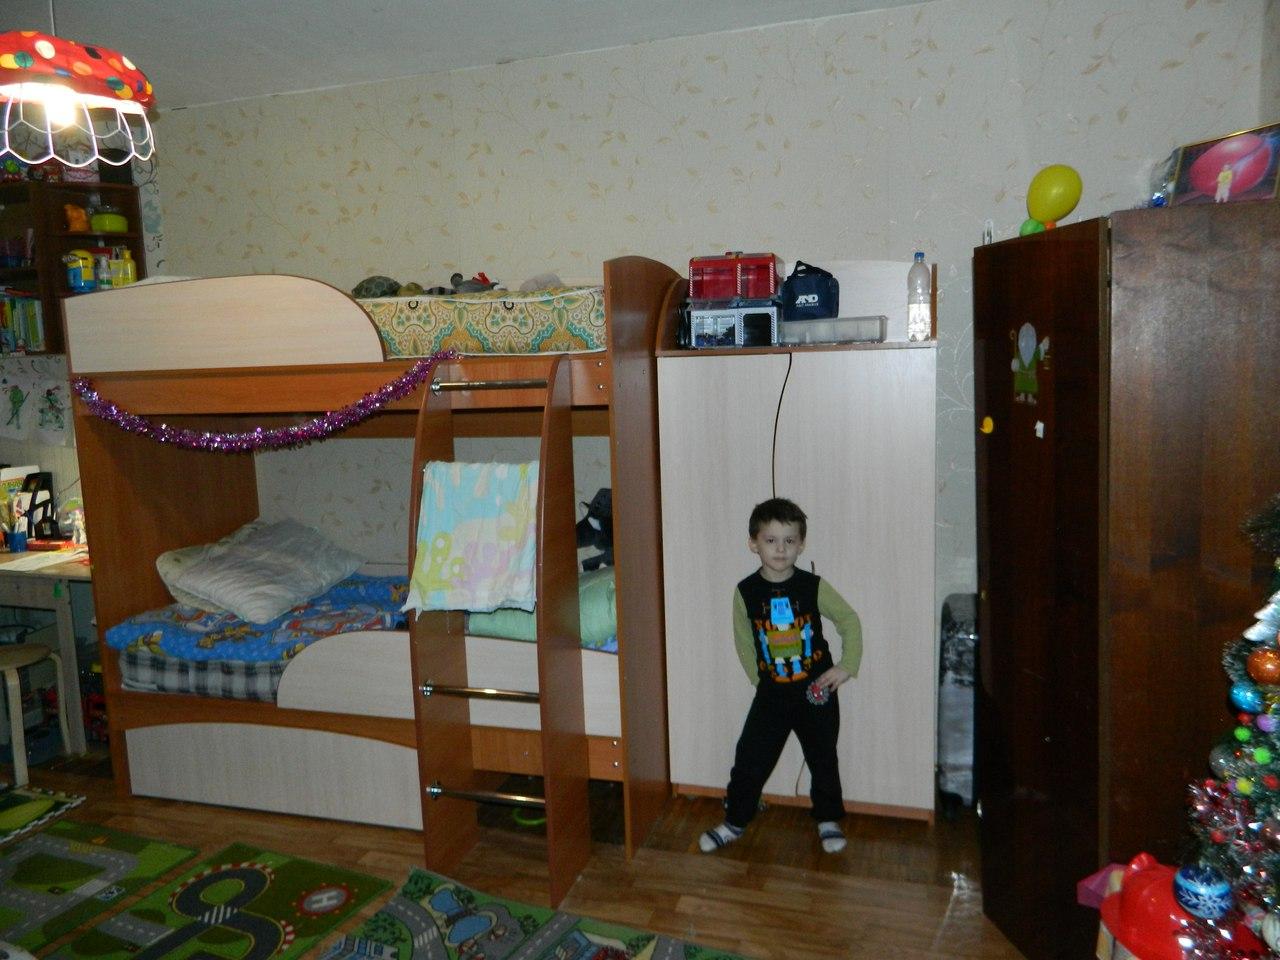 pp.userapi.com/c840728/v840728000/37a39/CIUdaTka6_A.jpg